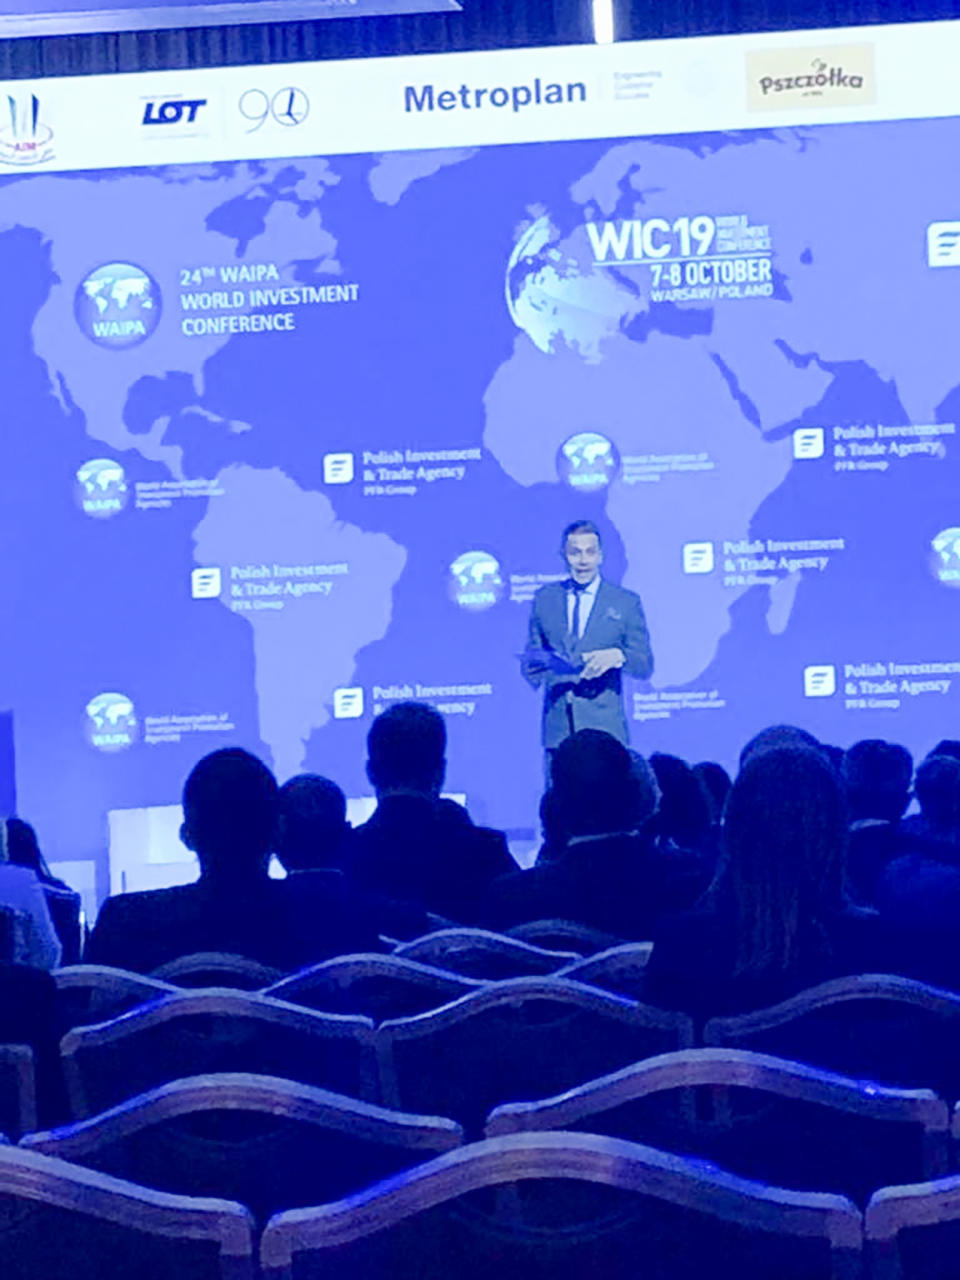 Азербайджанская компания Royal Holding стала участником мирового инвестиционного форума WIC19